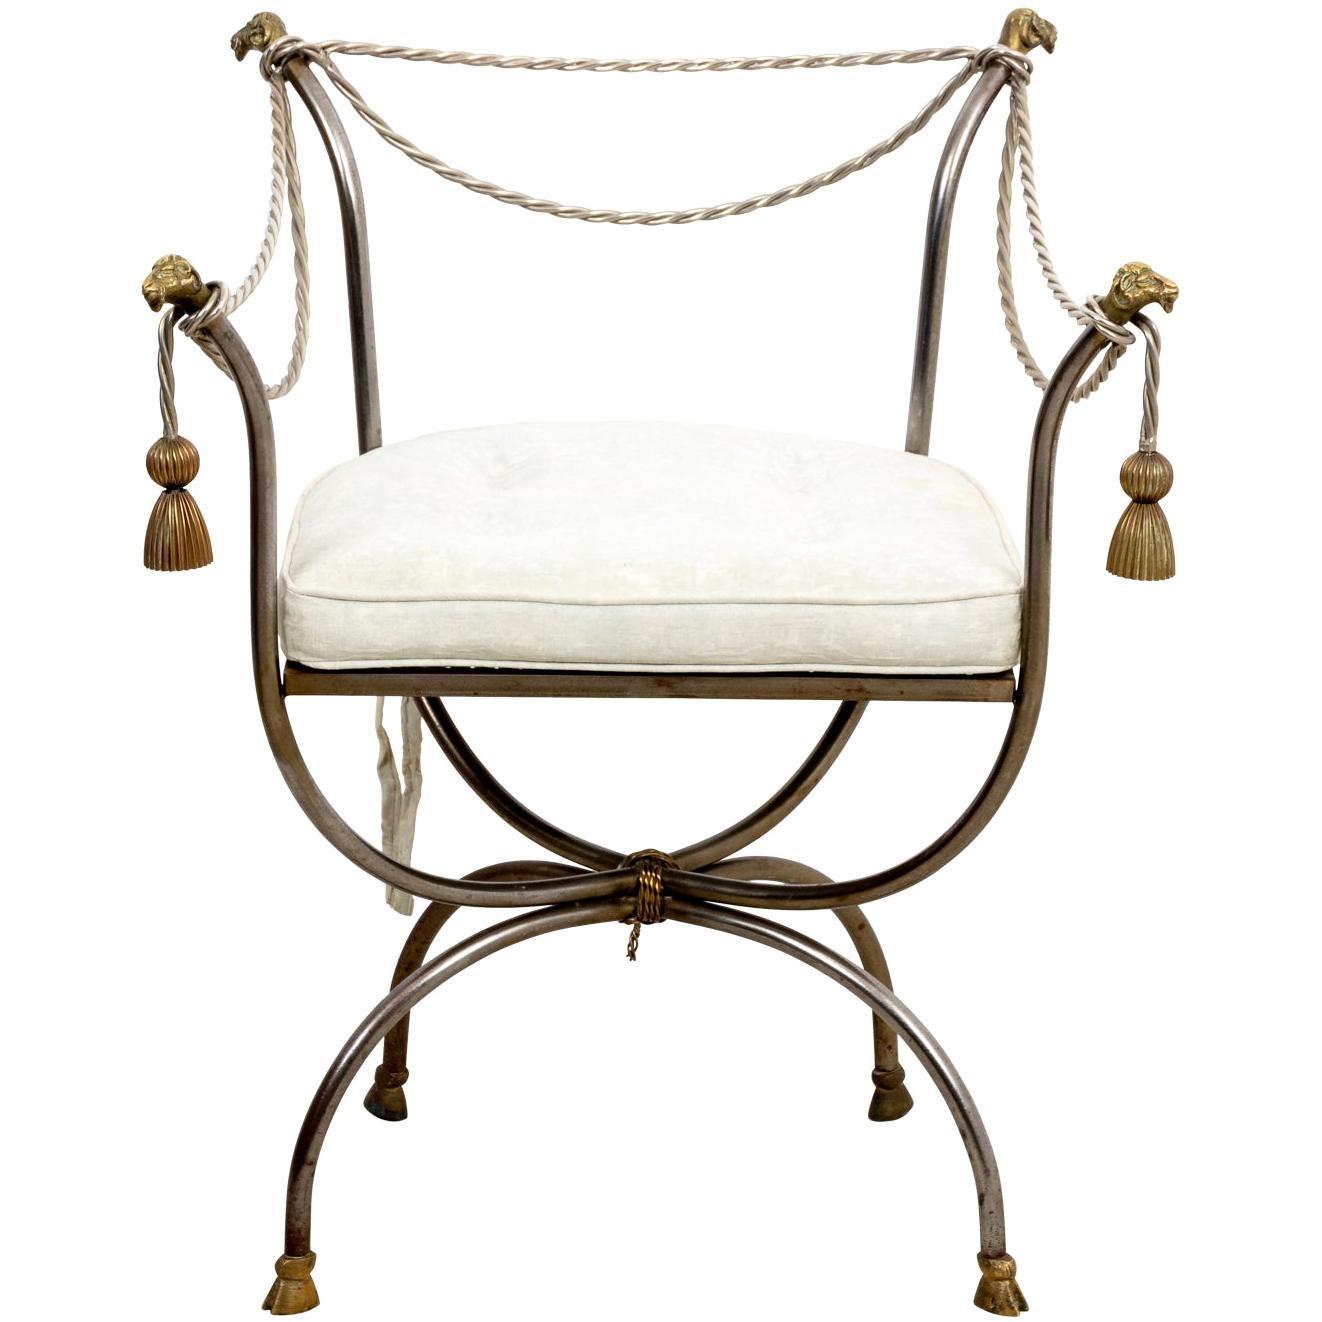 Hollywood Regency Iron and Gilt Armchair